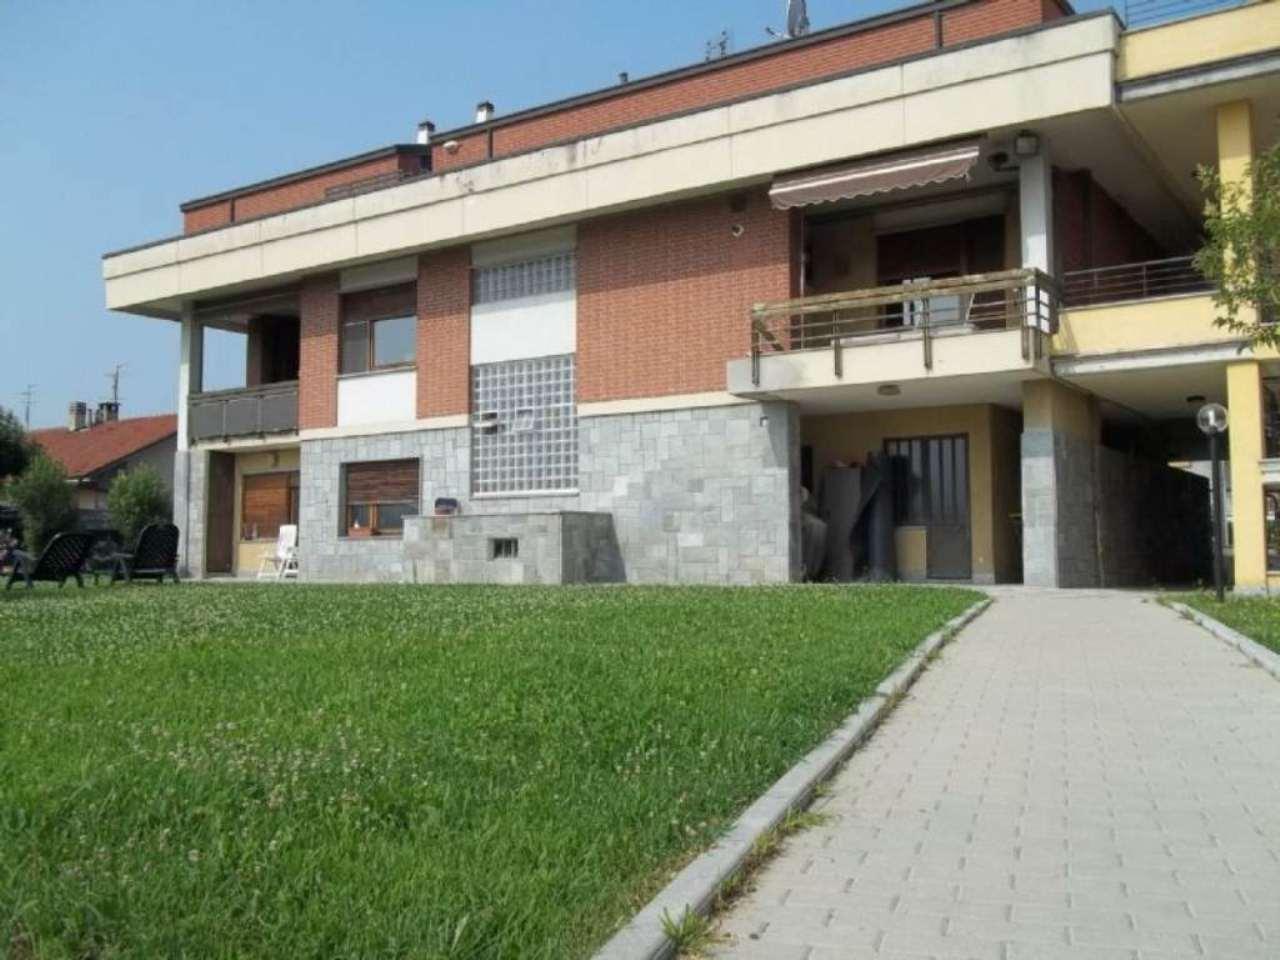 Appartamento in vendita a Alpignano, 3 locali, prezzo € 150.000 | Cambio Casa.it